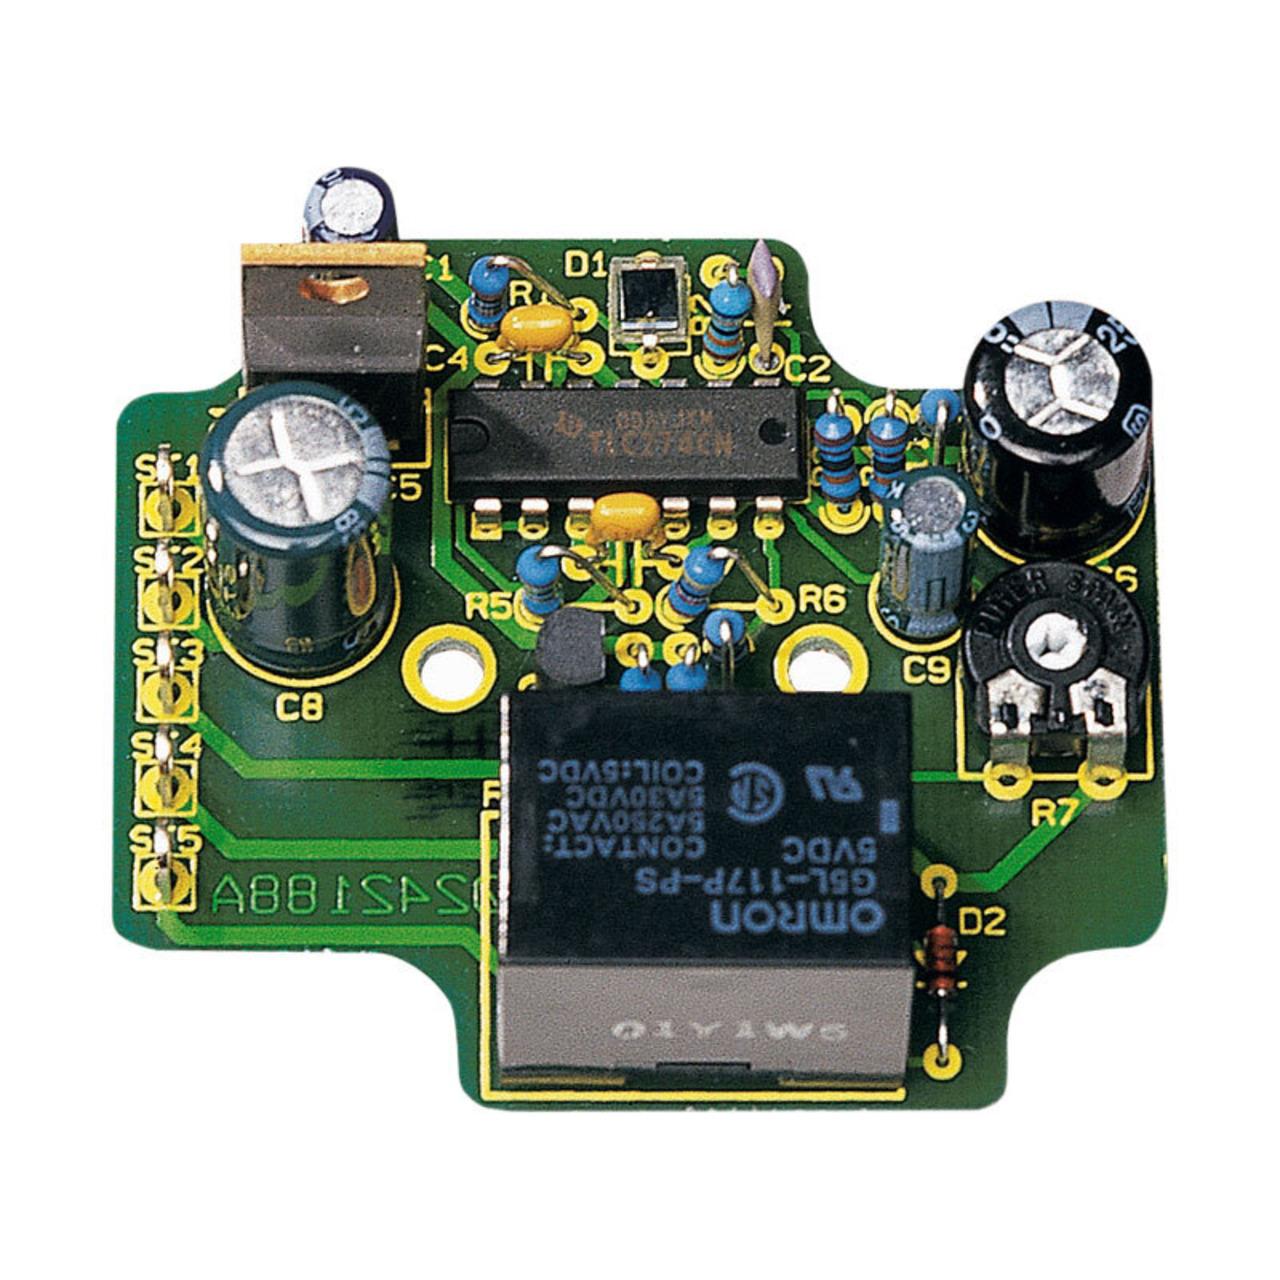 ELV Komplettbausatz Dämmerungsschalter DS 12- 12 V- ohne Gehäuse